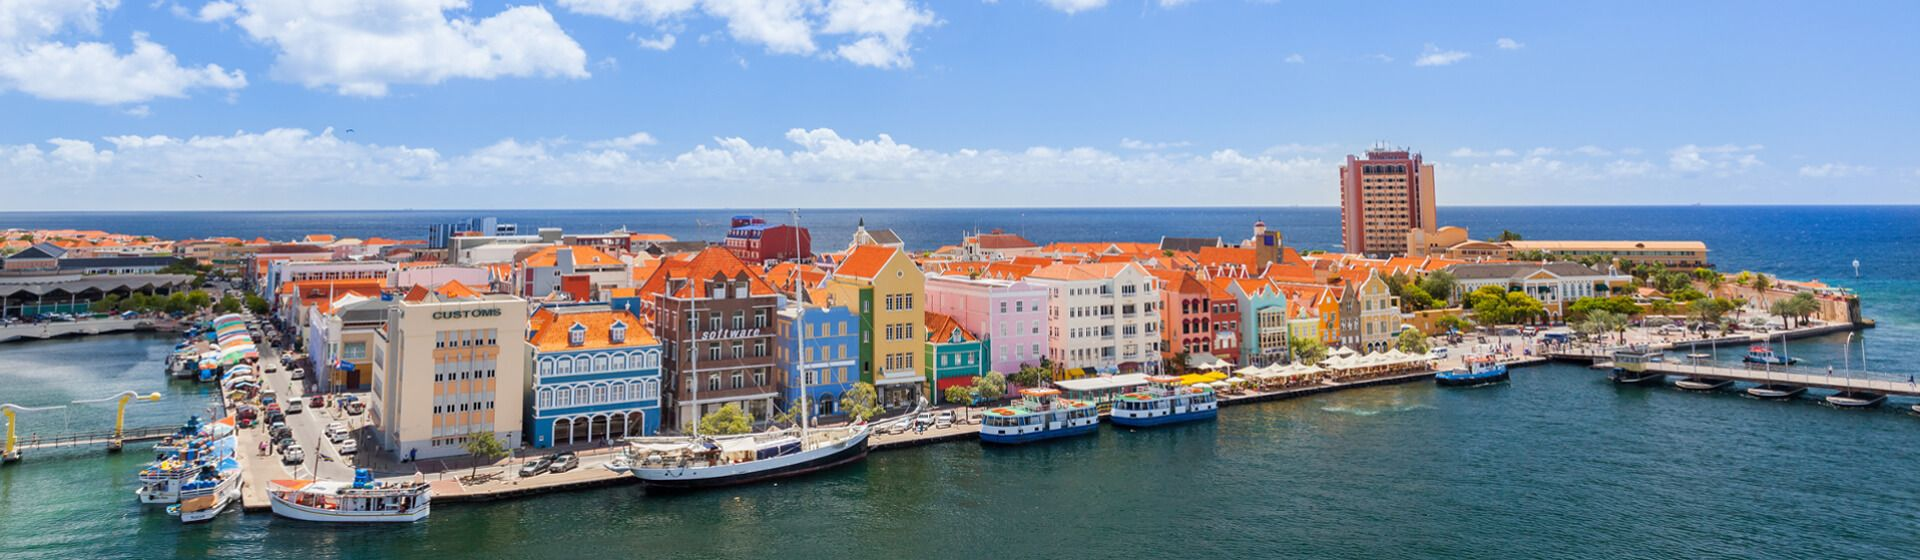 Urlaub und Ferien auf Curacao